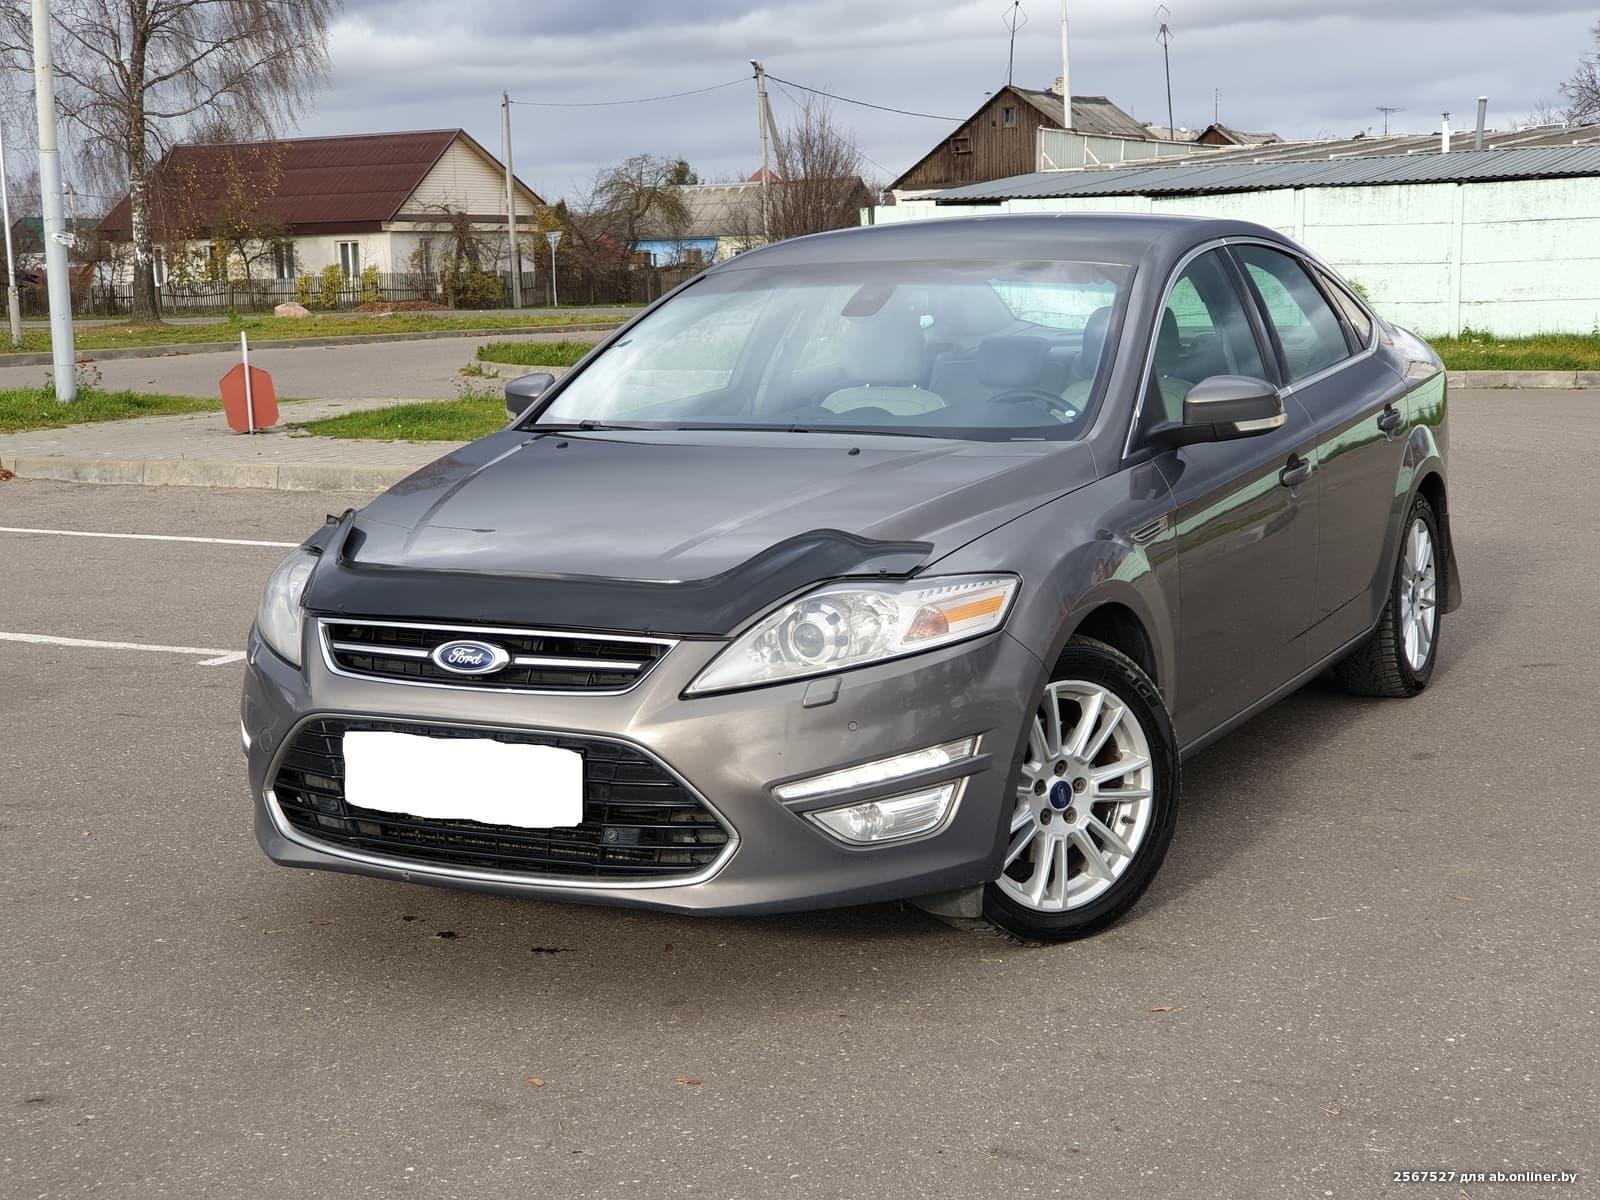 Ford Mondeo 2.0TDCI Titanium Black